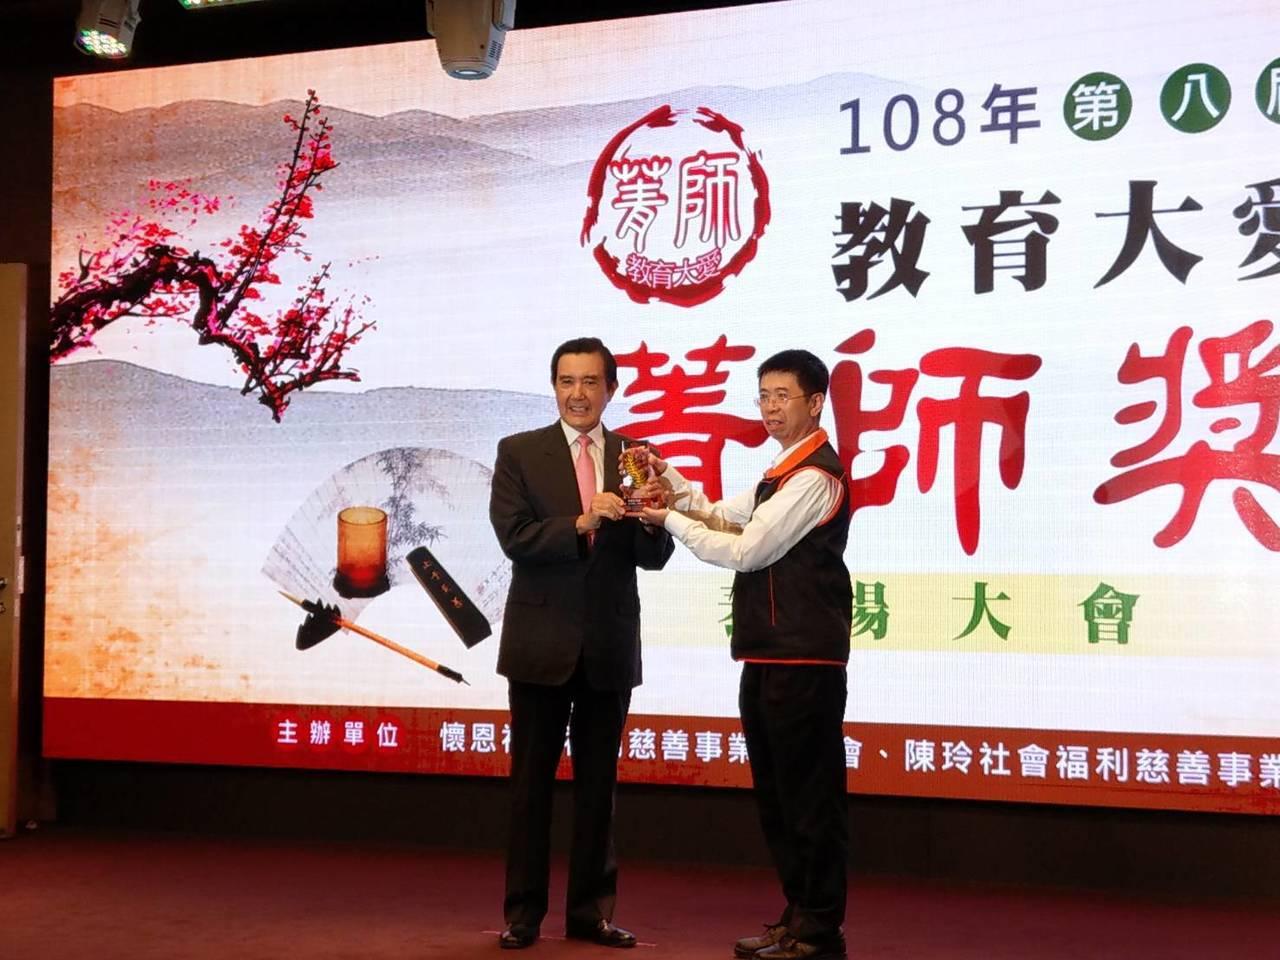 前總統馬英九今天上午出席教育大愛菁師獎,頒獎給58個得獎老師。記者張錦弘/攝影